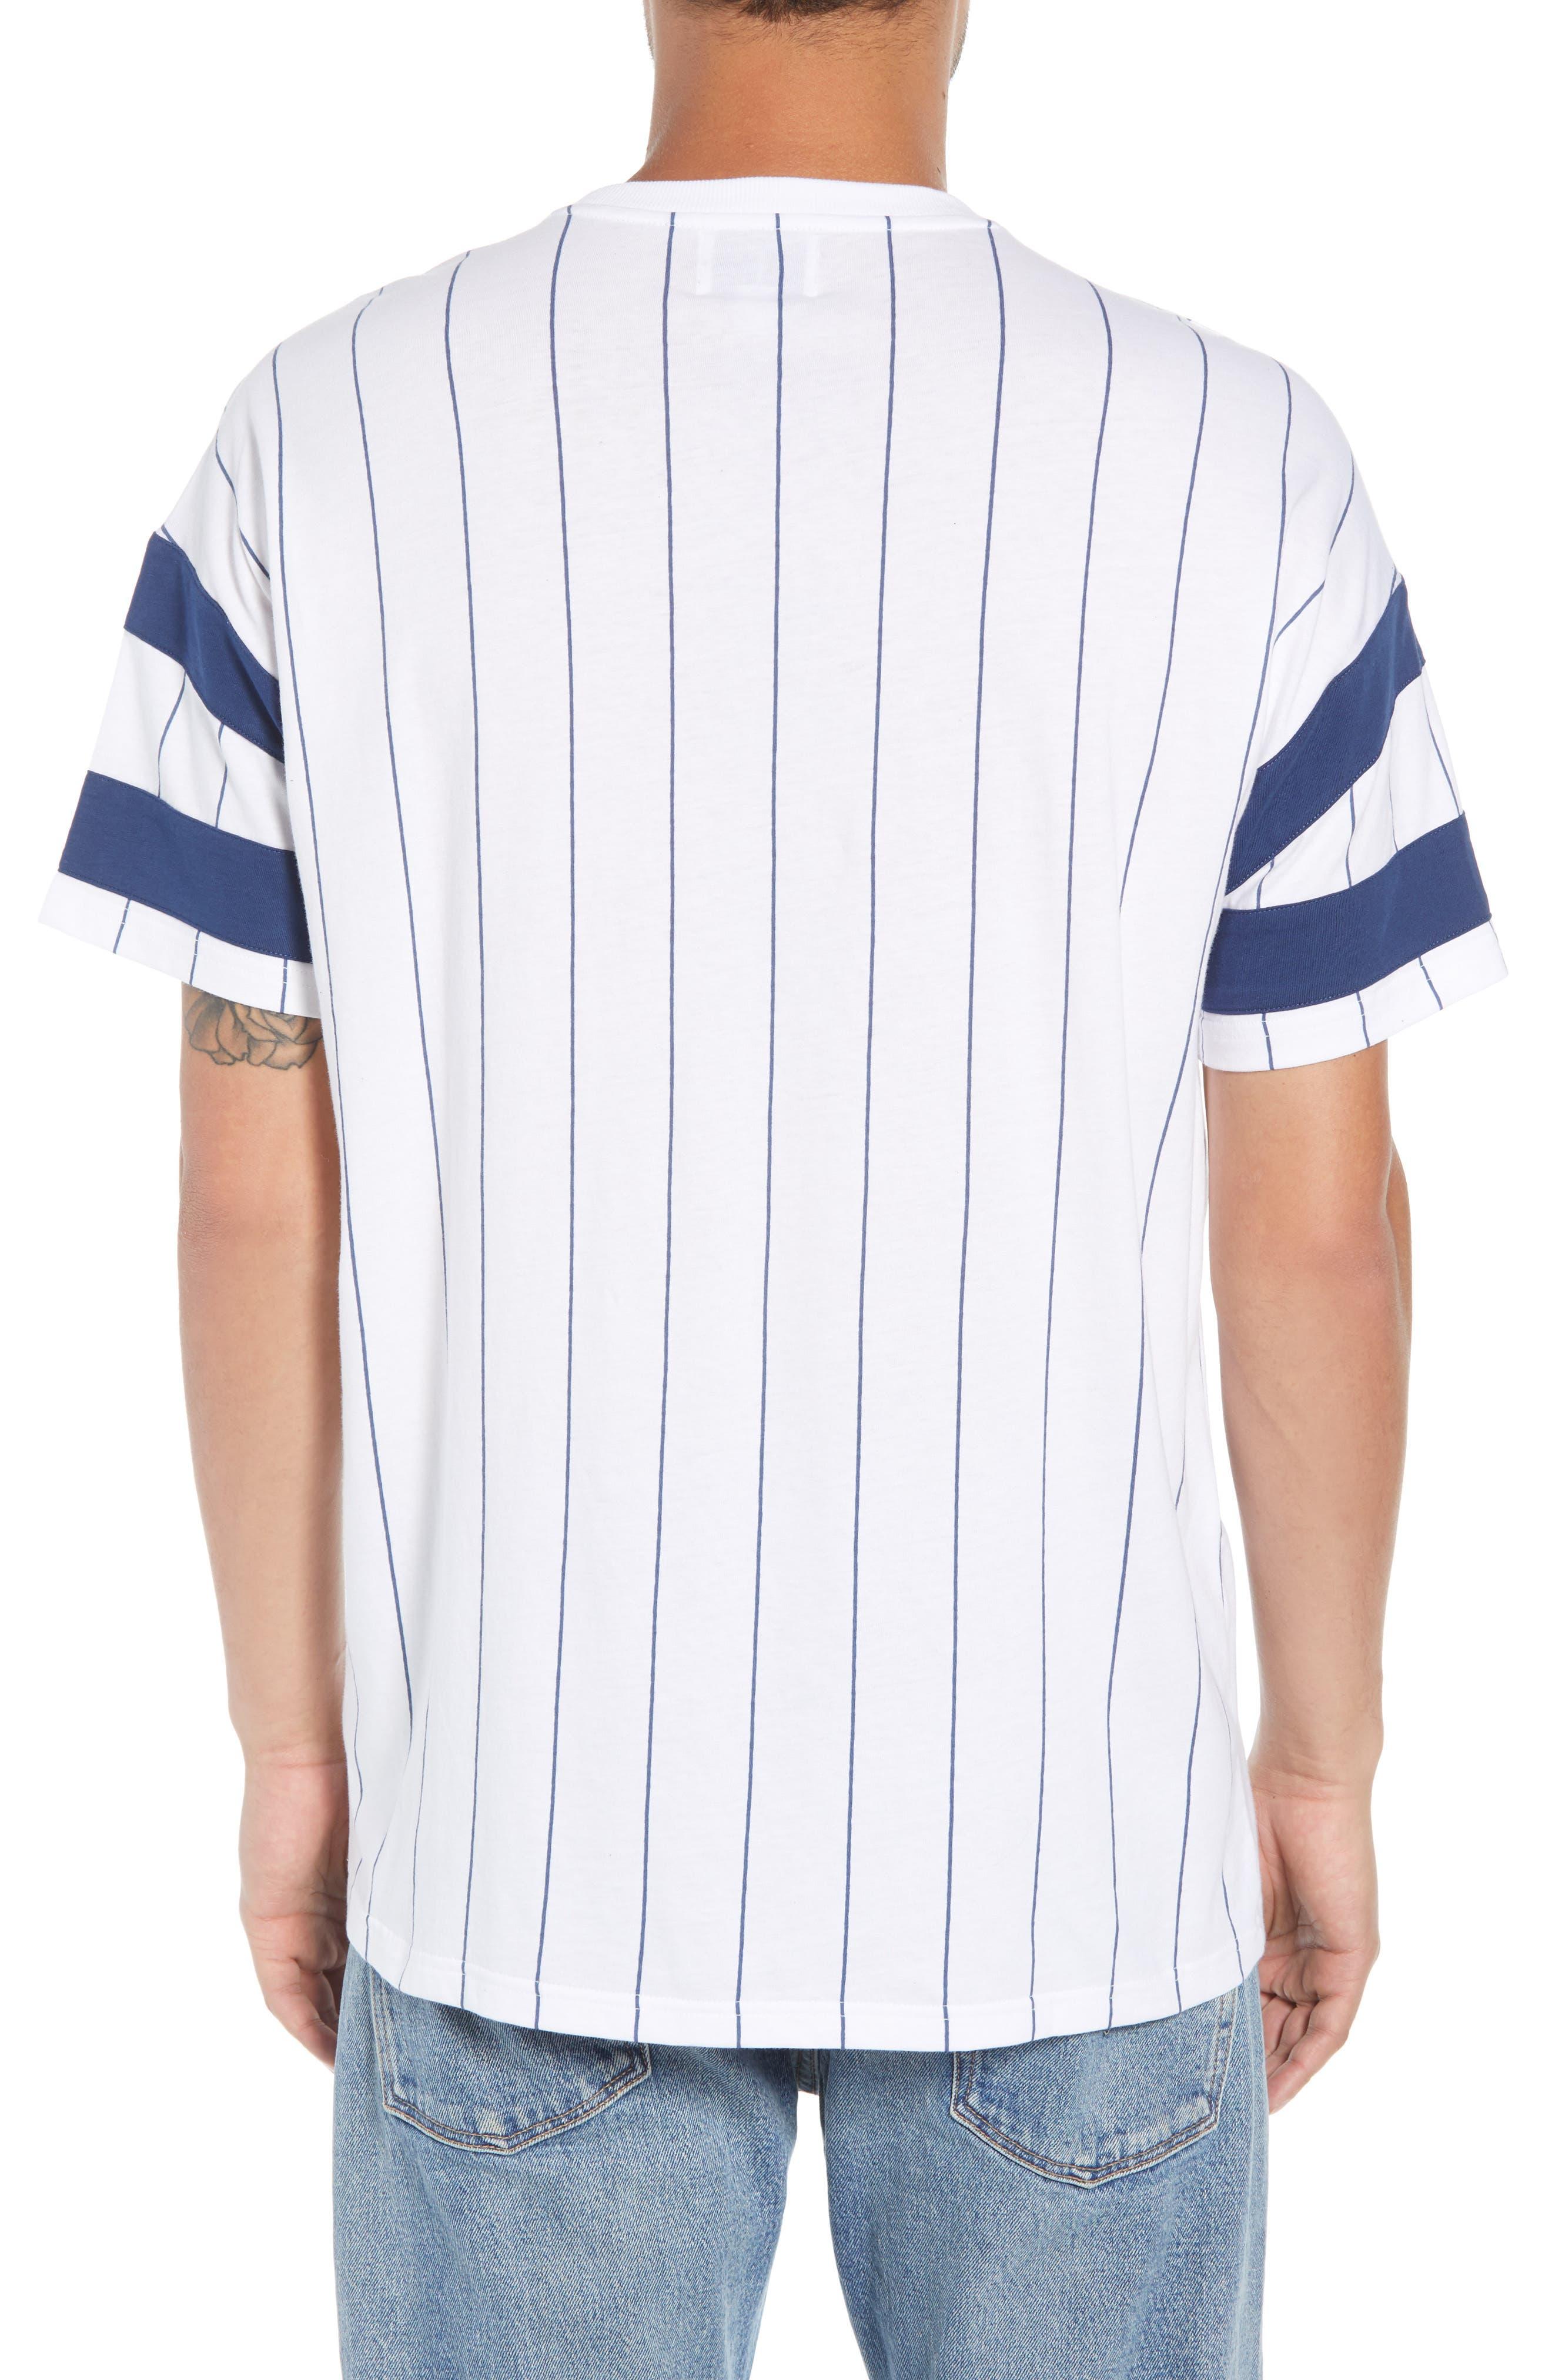 Logo Graphic Baseball T-Shirt,                             Alternate thumbnail 2, color,                             STANDARD WHITE